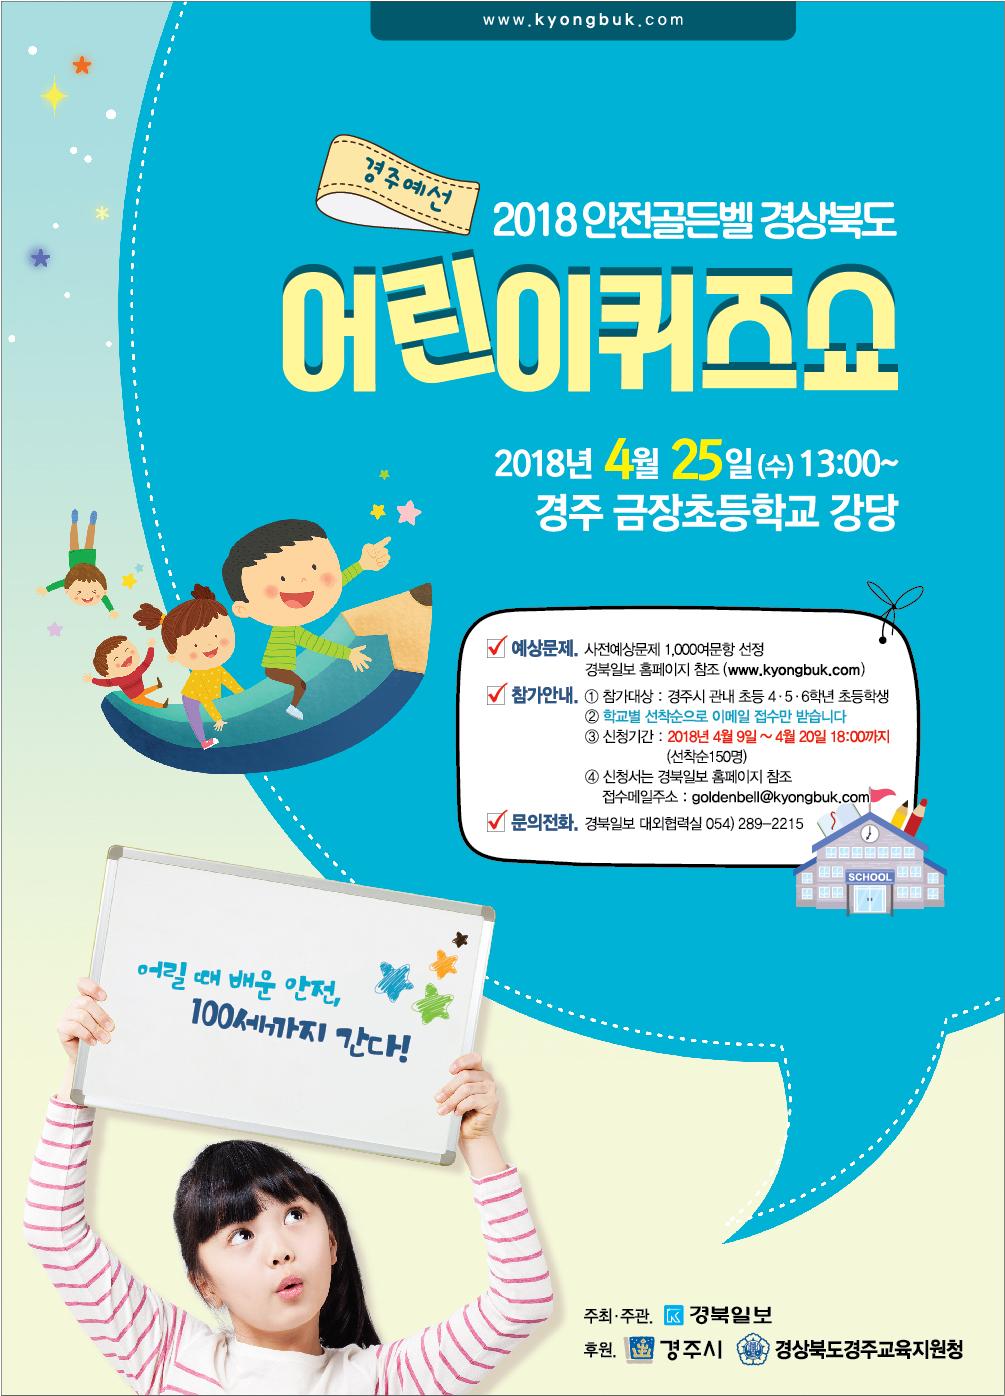 2018_안전골든벨 경주예선_pop.png